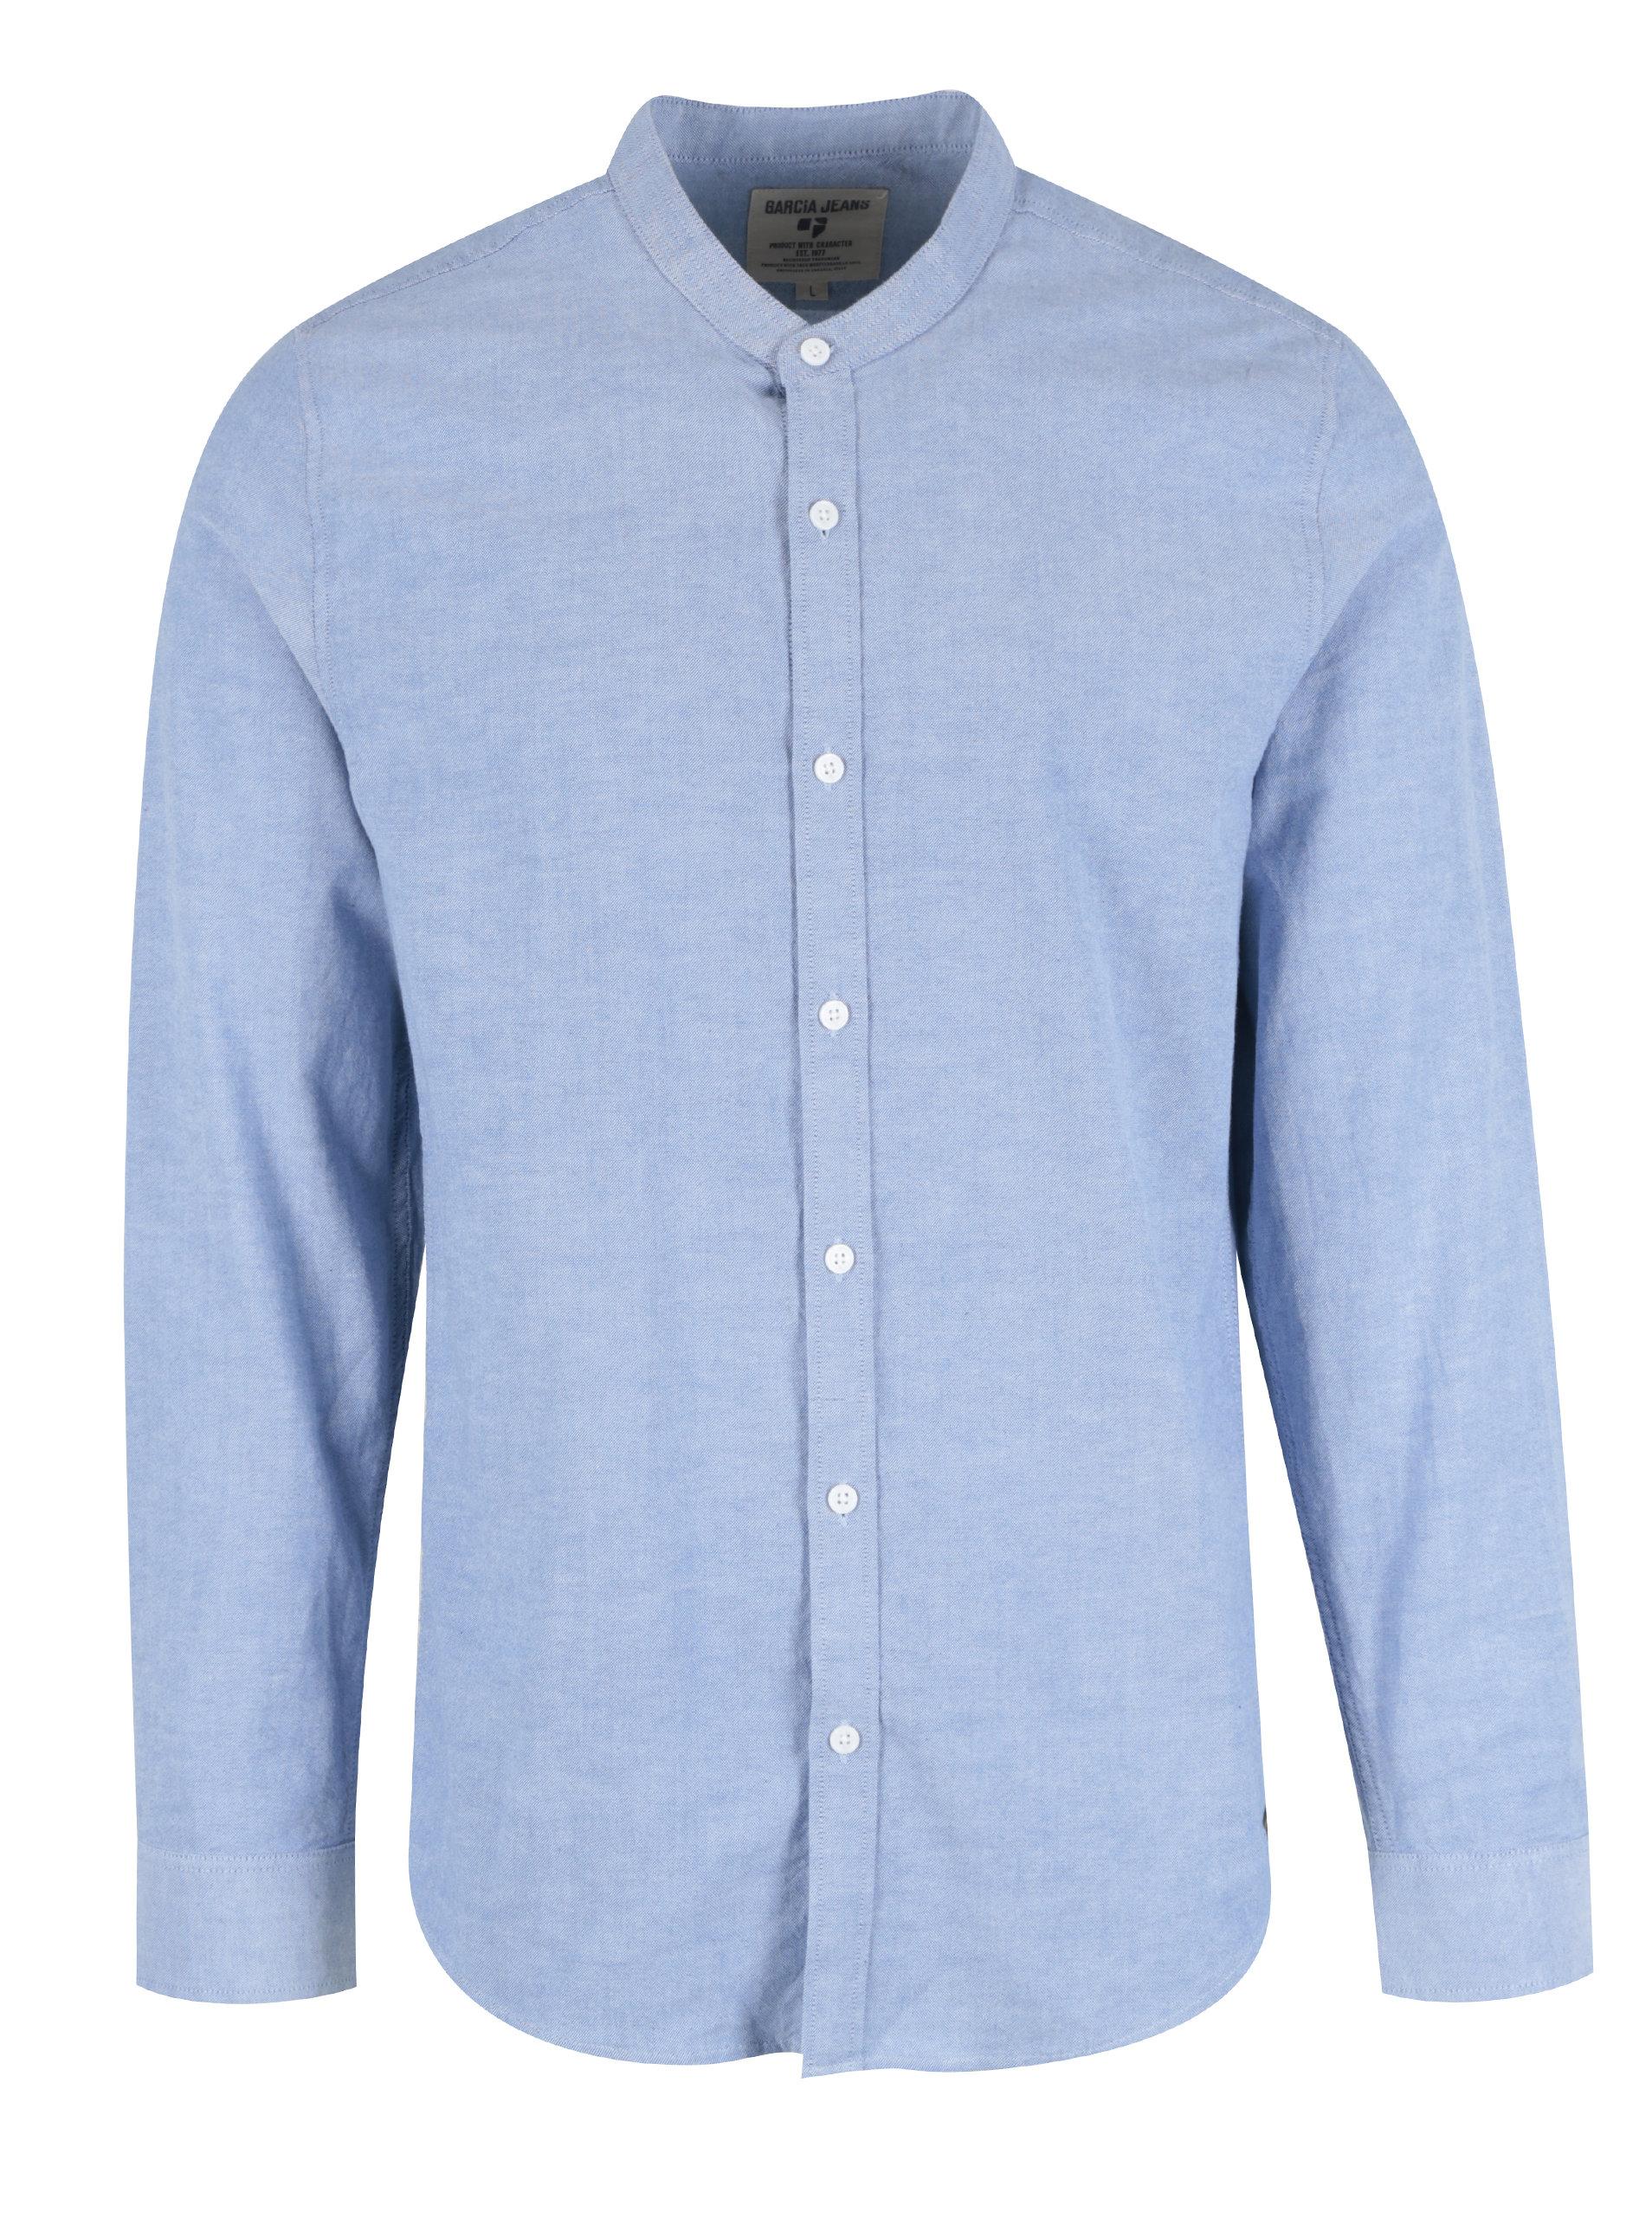 Světle modrá pánská neformální košile bez límečku Garcia Jeans ... a4b827bf04